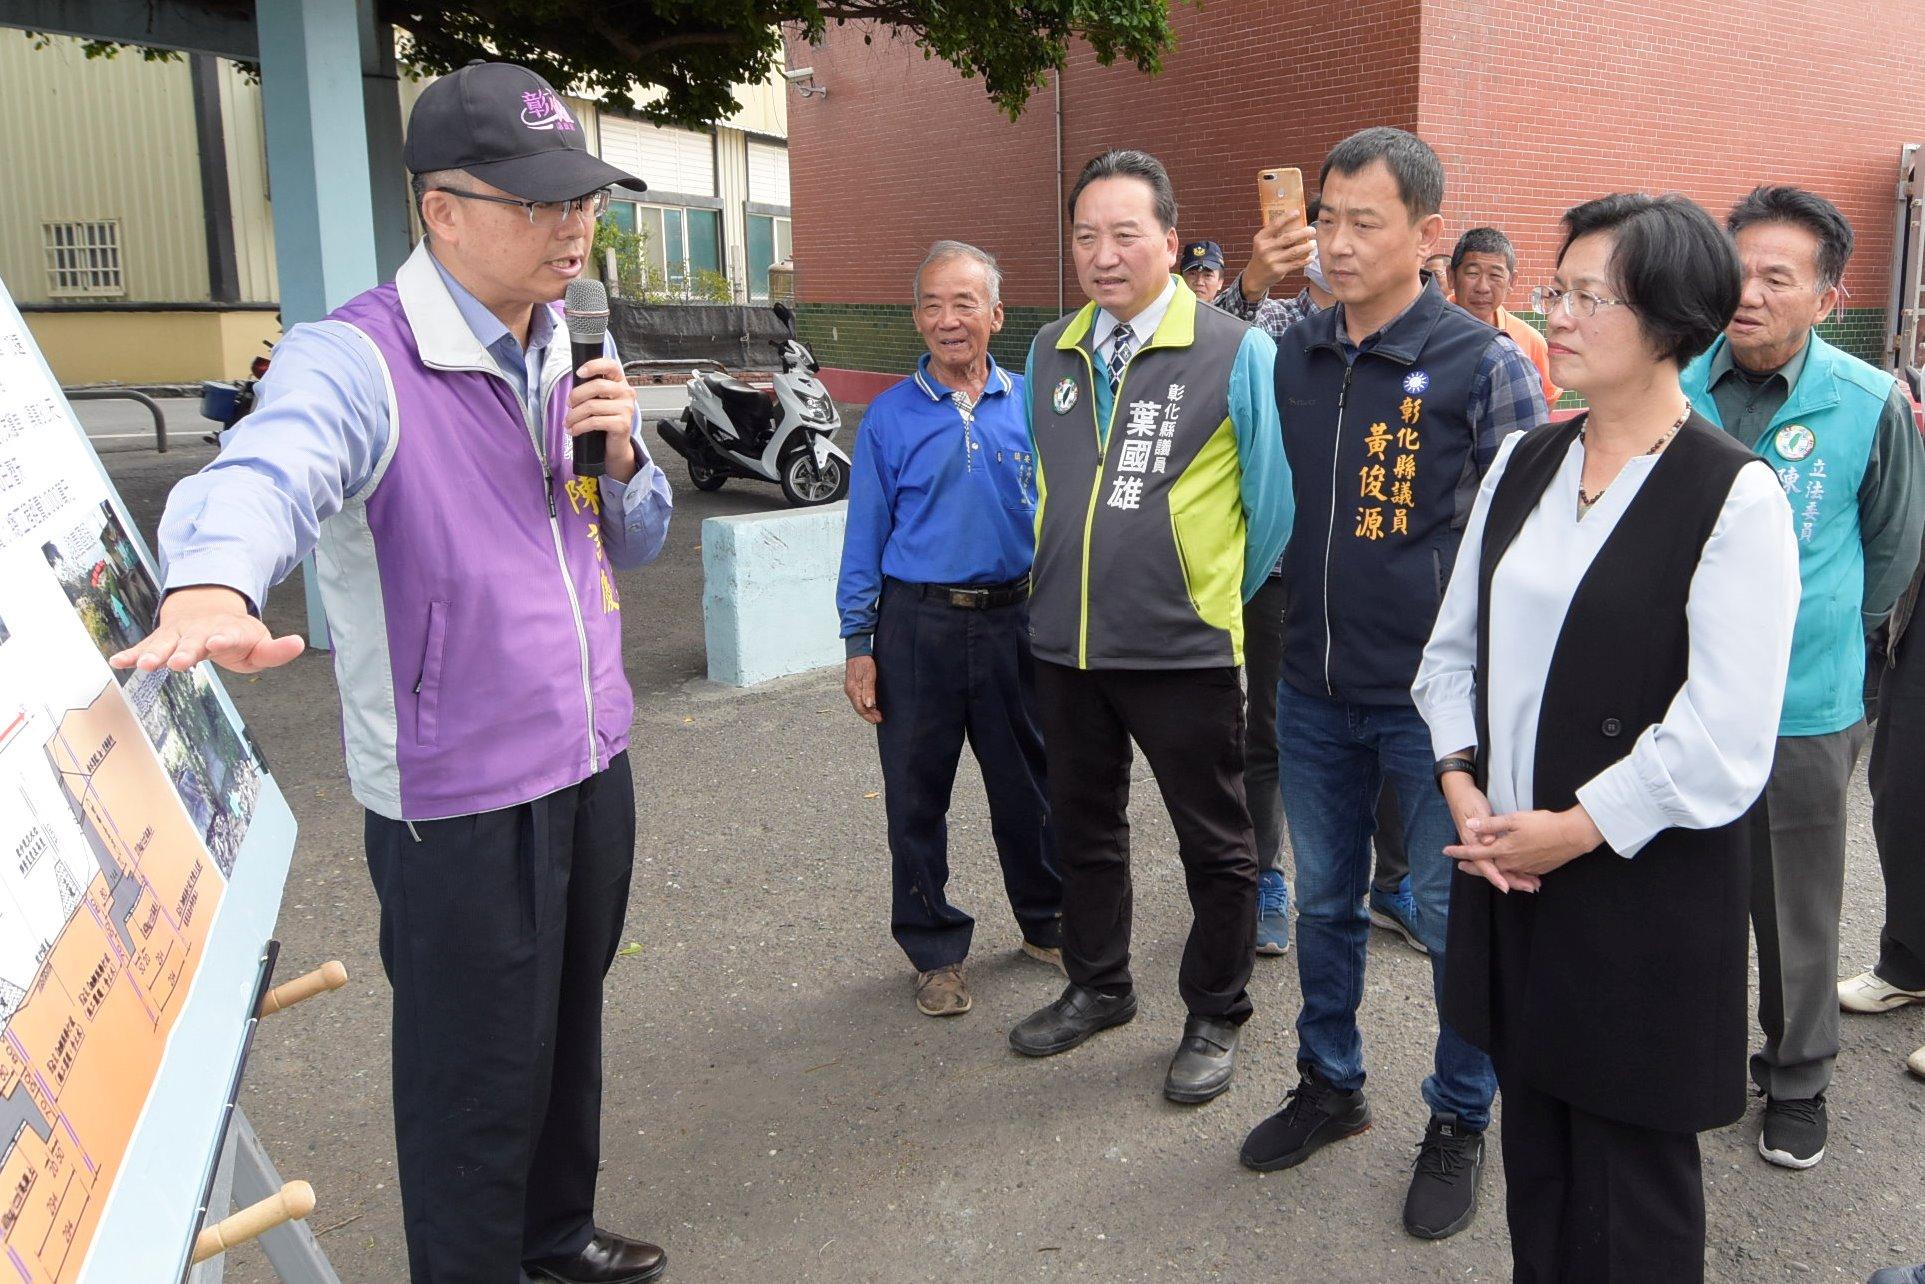 王縣長現勘福興鄉阿力排水應急工程將儘速改善 福興鎮平街路面不佳 將辦理改善保障民眾的安全